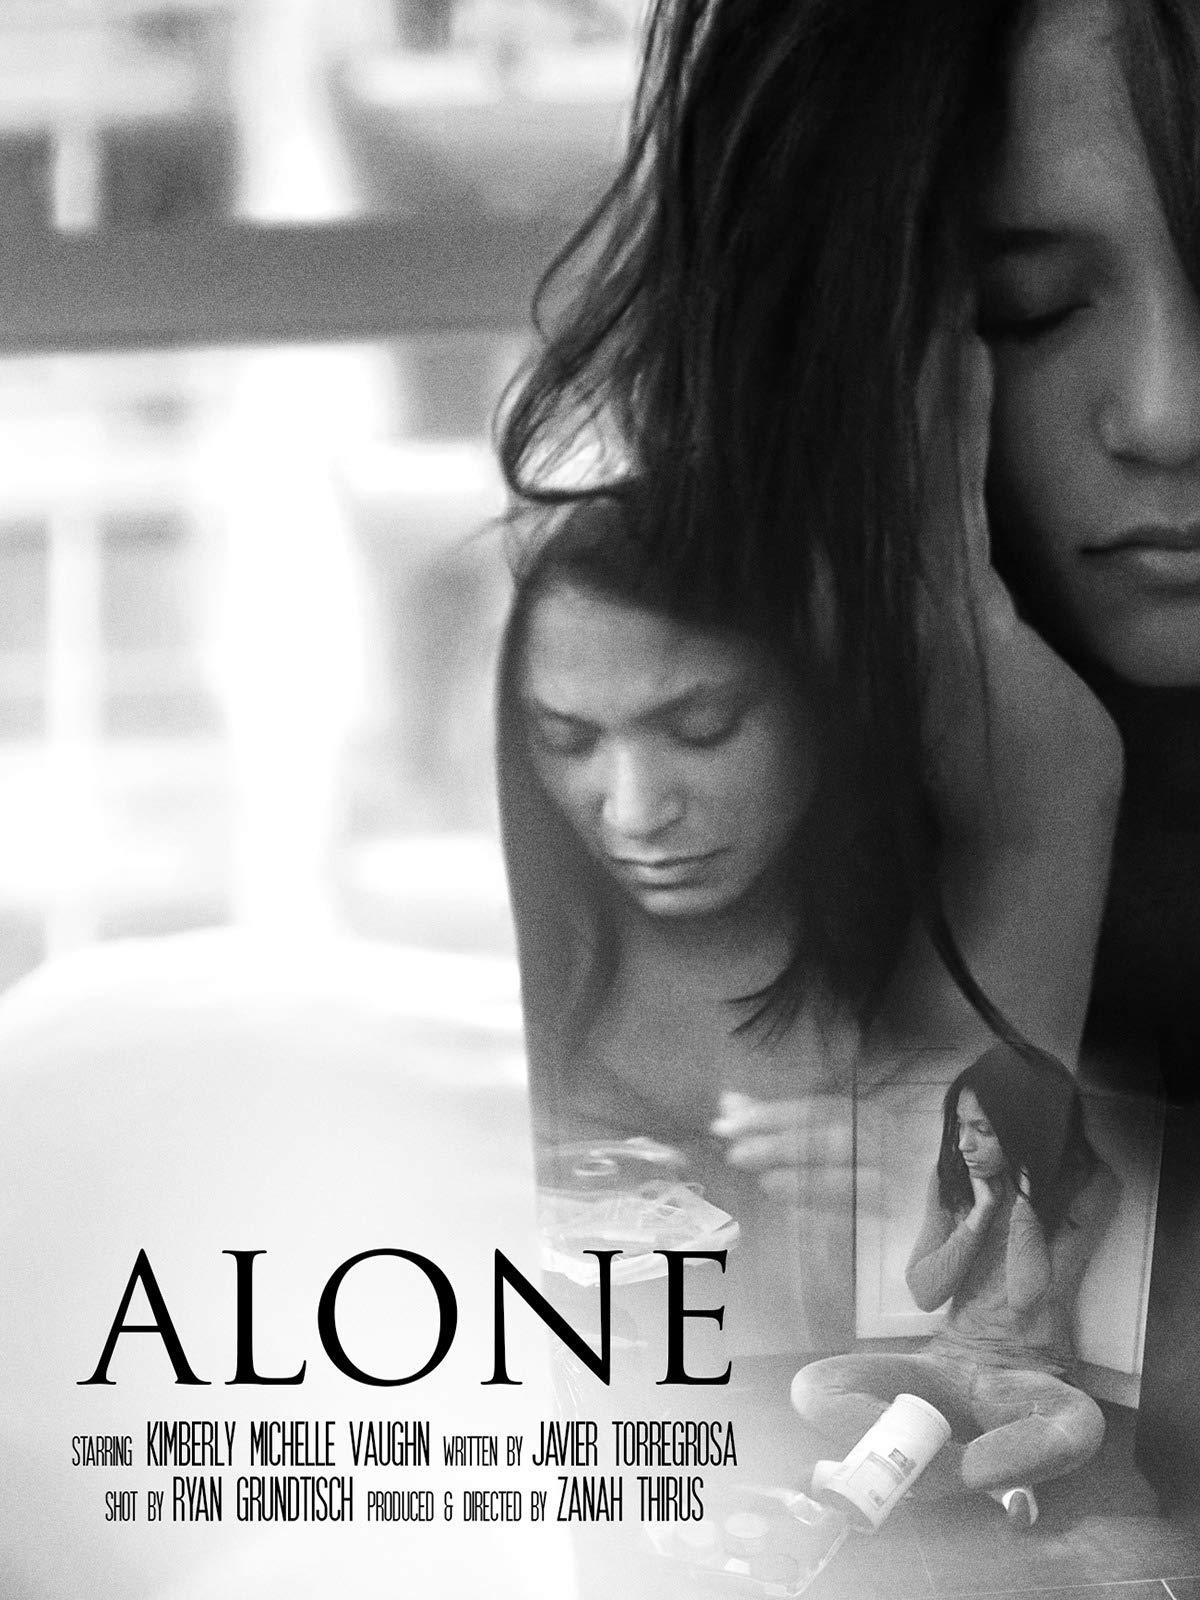 Clip: Alone